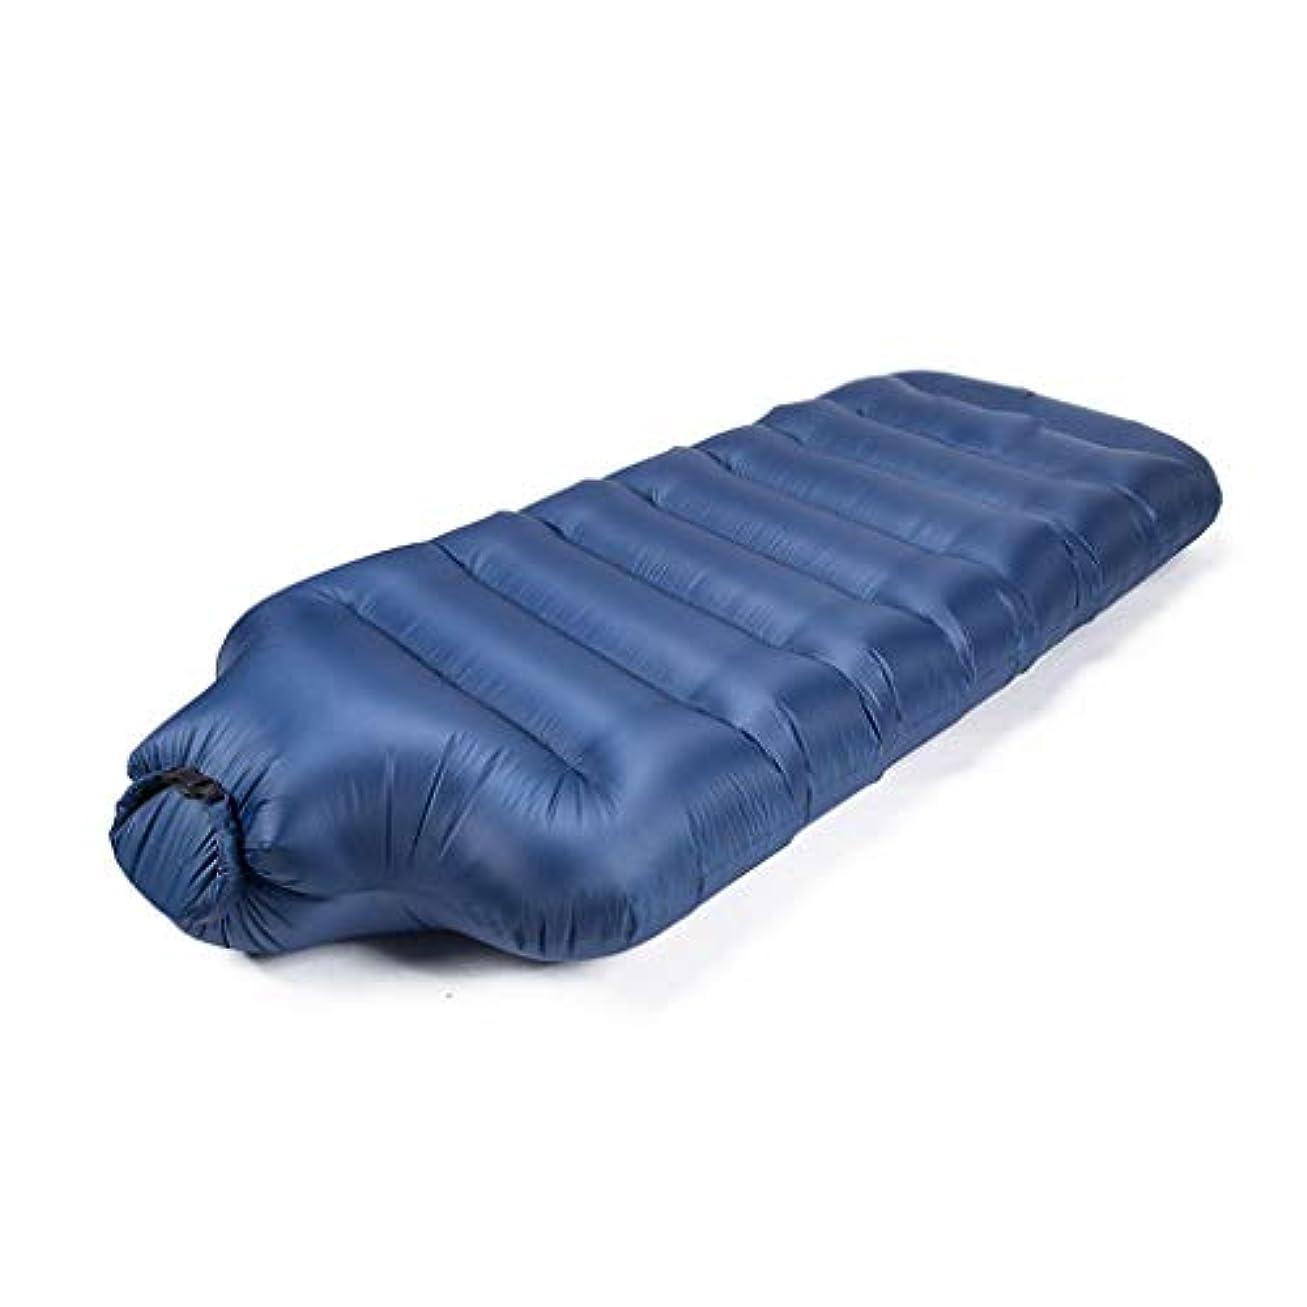 姿を消すポジティブ緊張するNuoEn 膨脹可能なリクライニングチェアの空気ソファー、携帯用防水膨脹可能なソファーの極度の耐久の膨脹可能なベッド - 旅行、ハイキング、浜および中庭